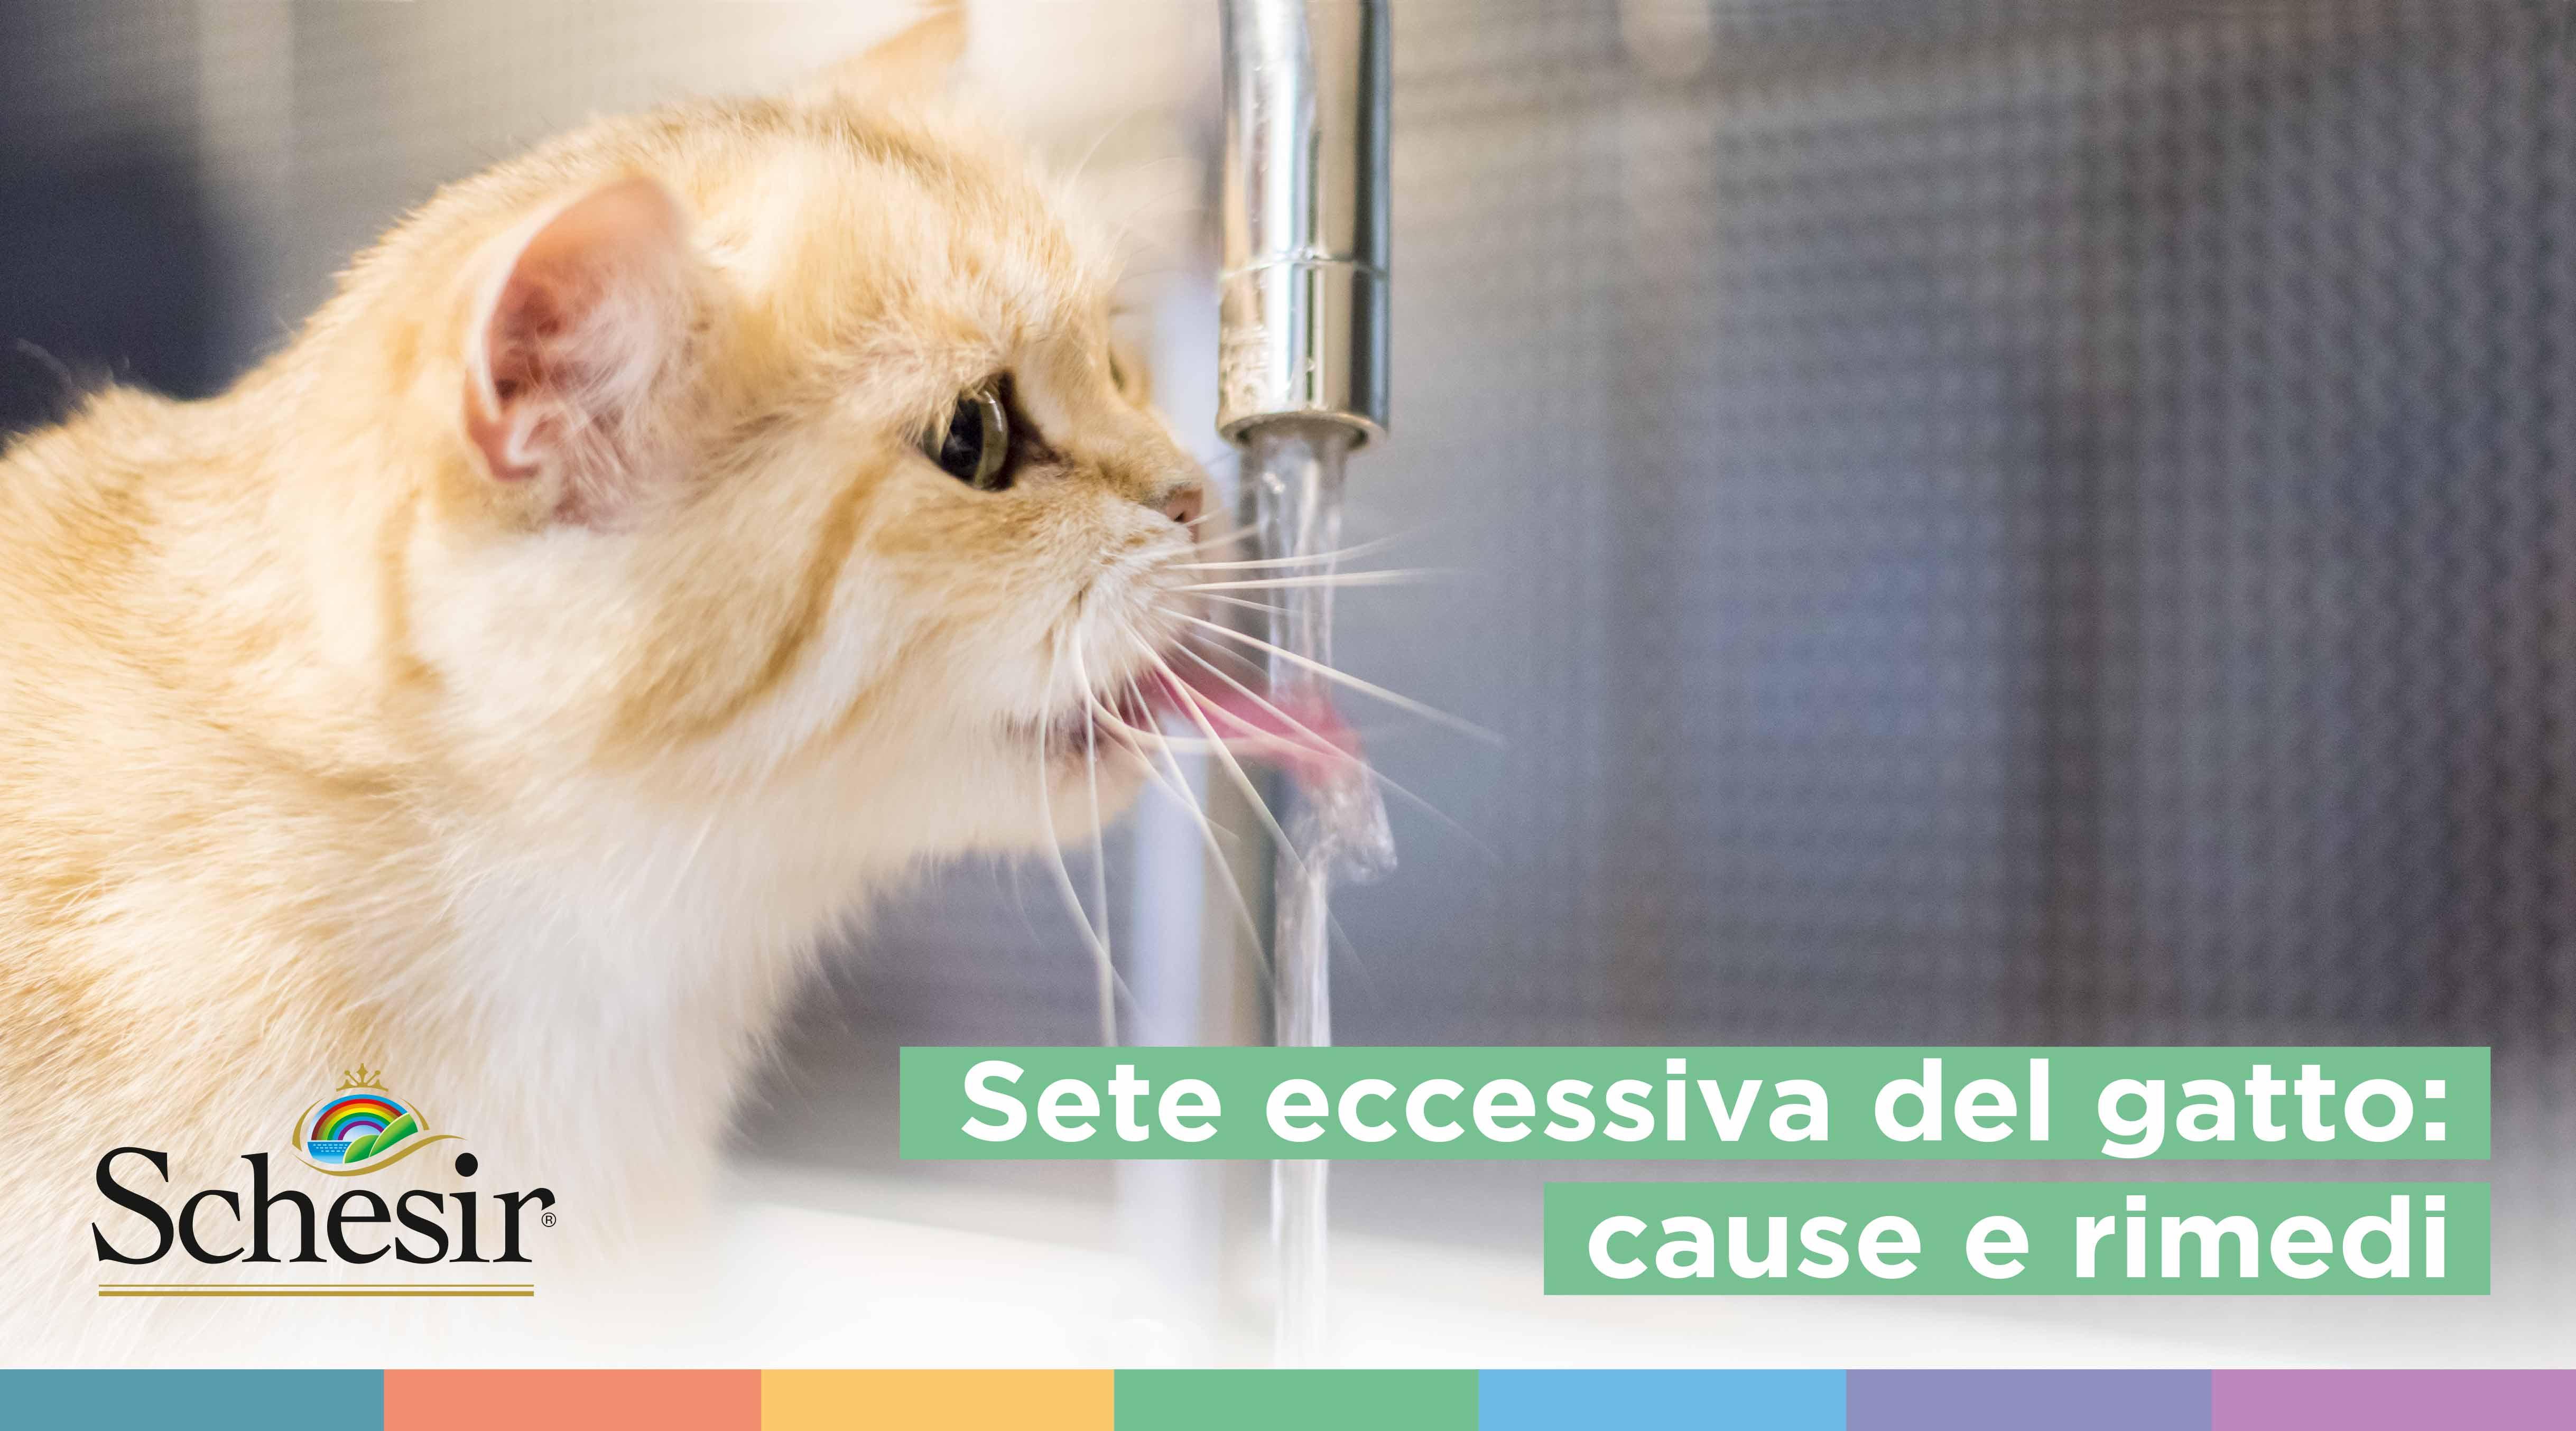 Sete eccessiva del gatto: cause e rimedi, Schesir